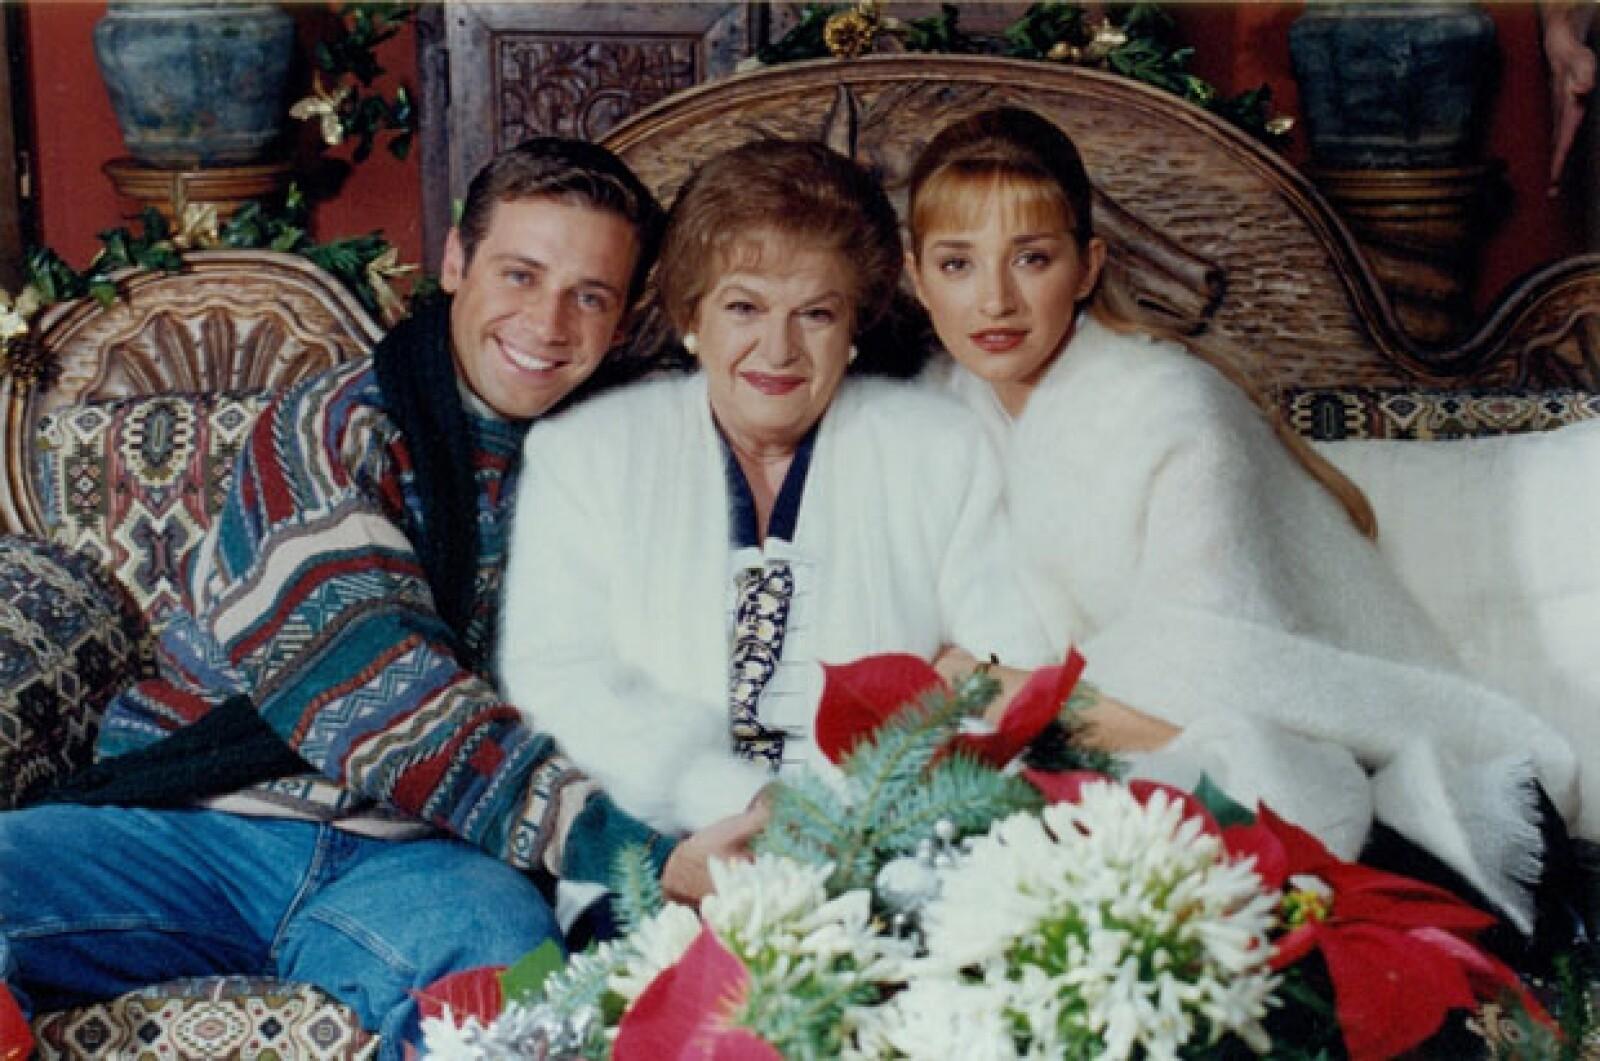 Con Sergio Bernal y Claudia Ramírez cuando colaboraron juntos en la telenovela Te sigo amando en 1997.